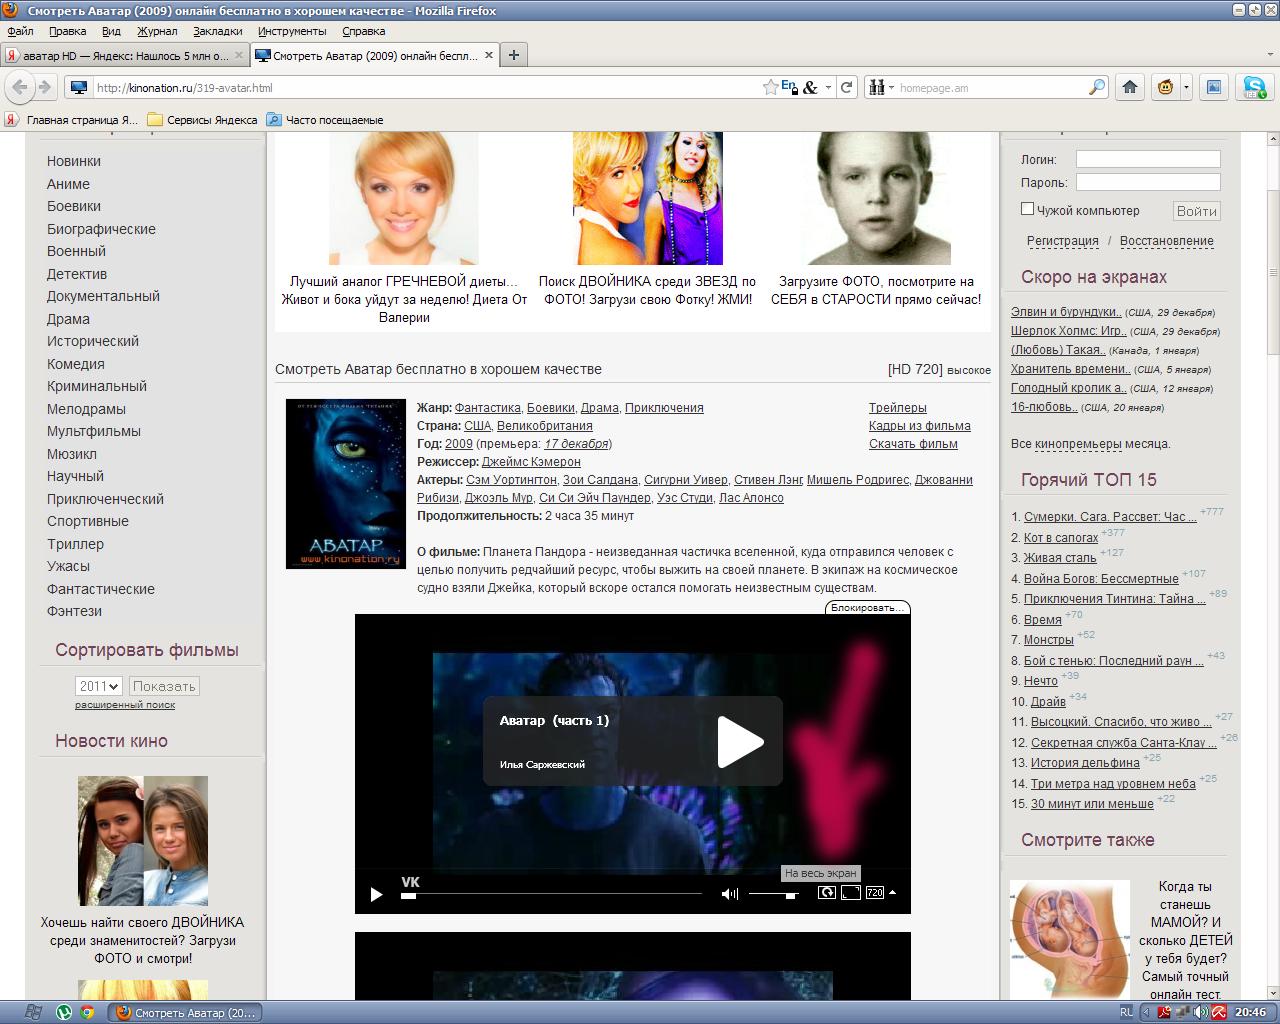 кино аватар смотреть онлайн бесплатно: